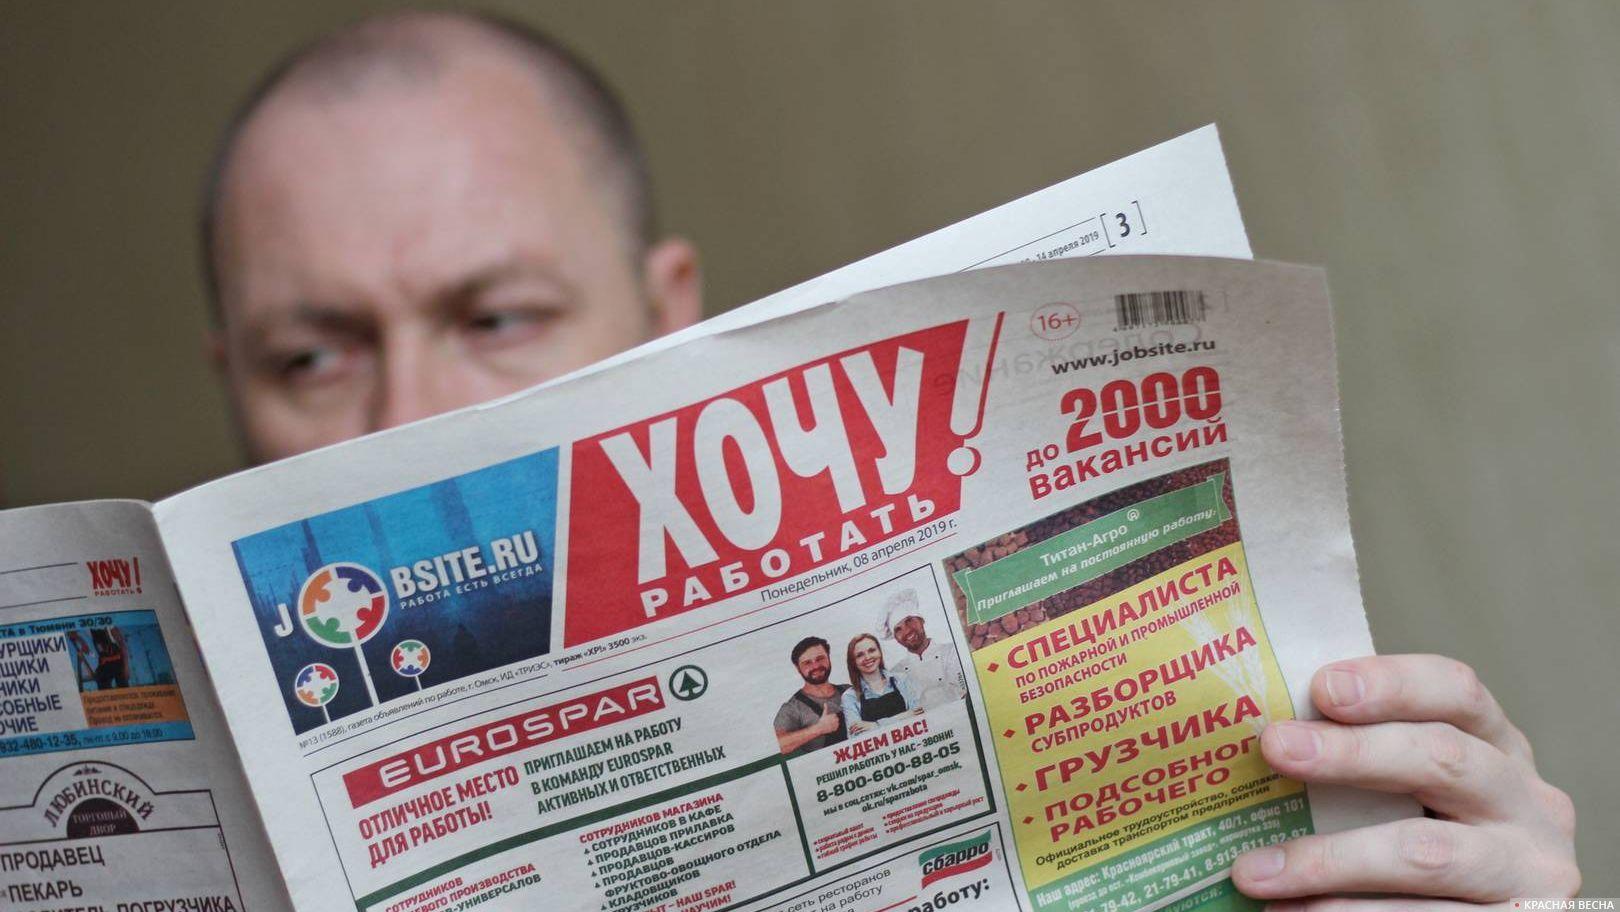 Минтруд ожидает снижения безработицы до 3 млн человек до конца года